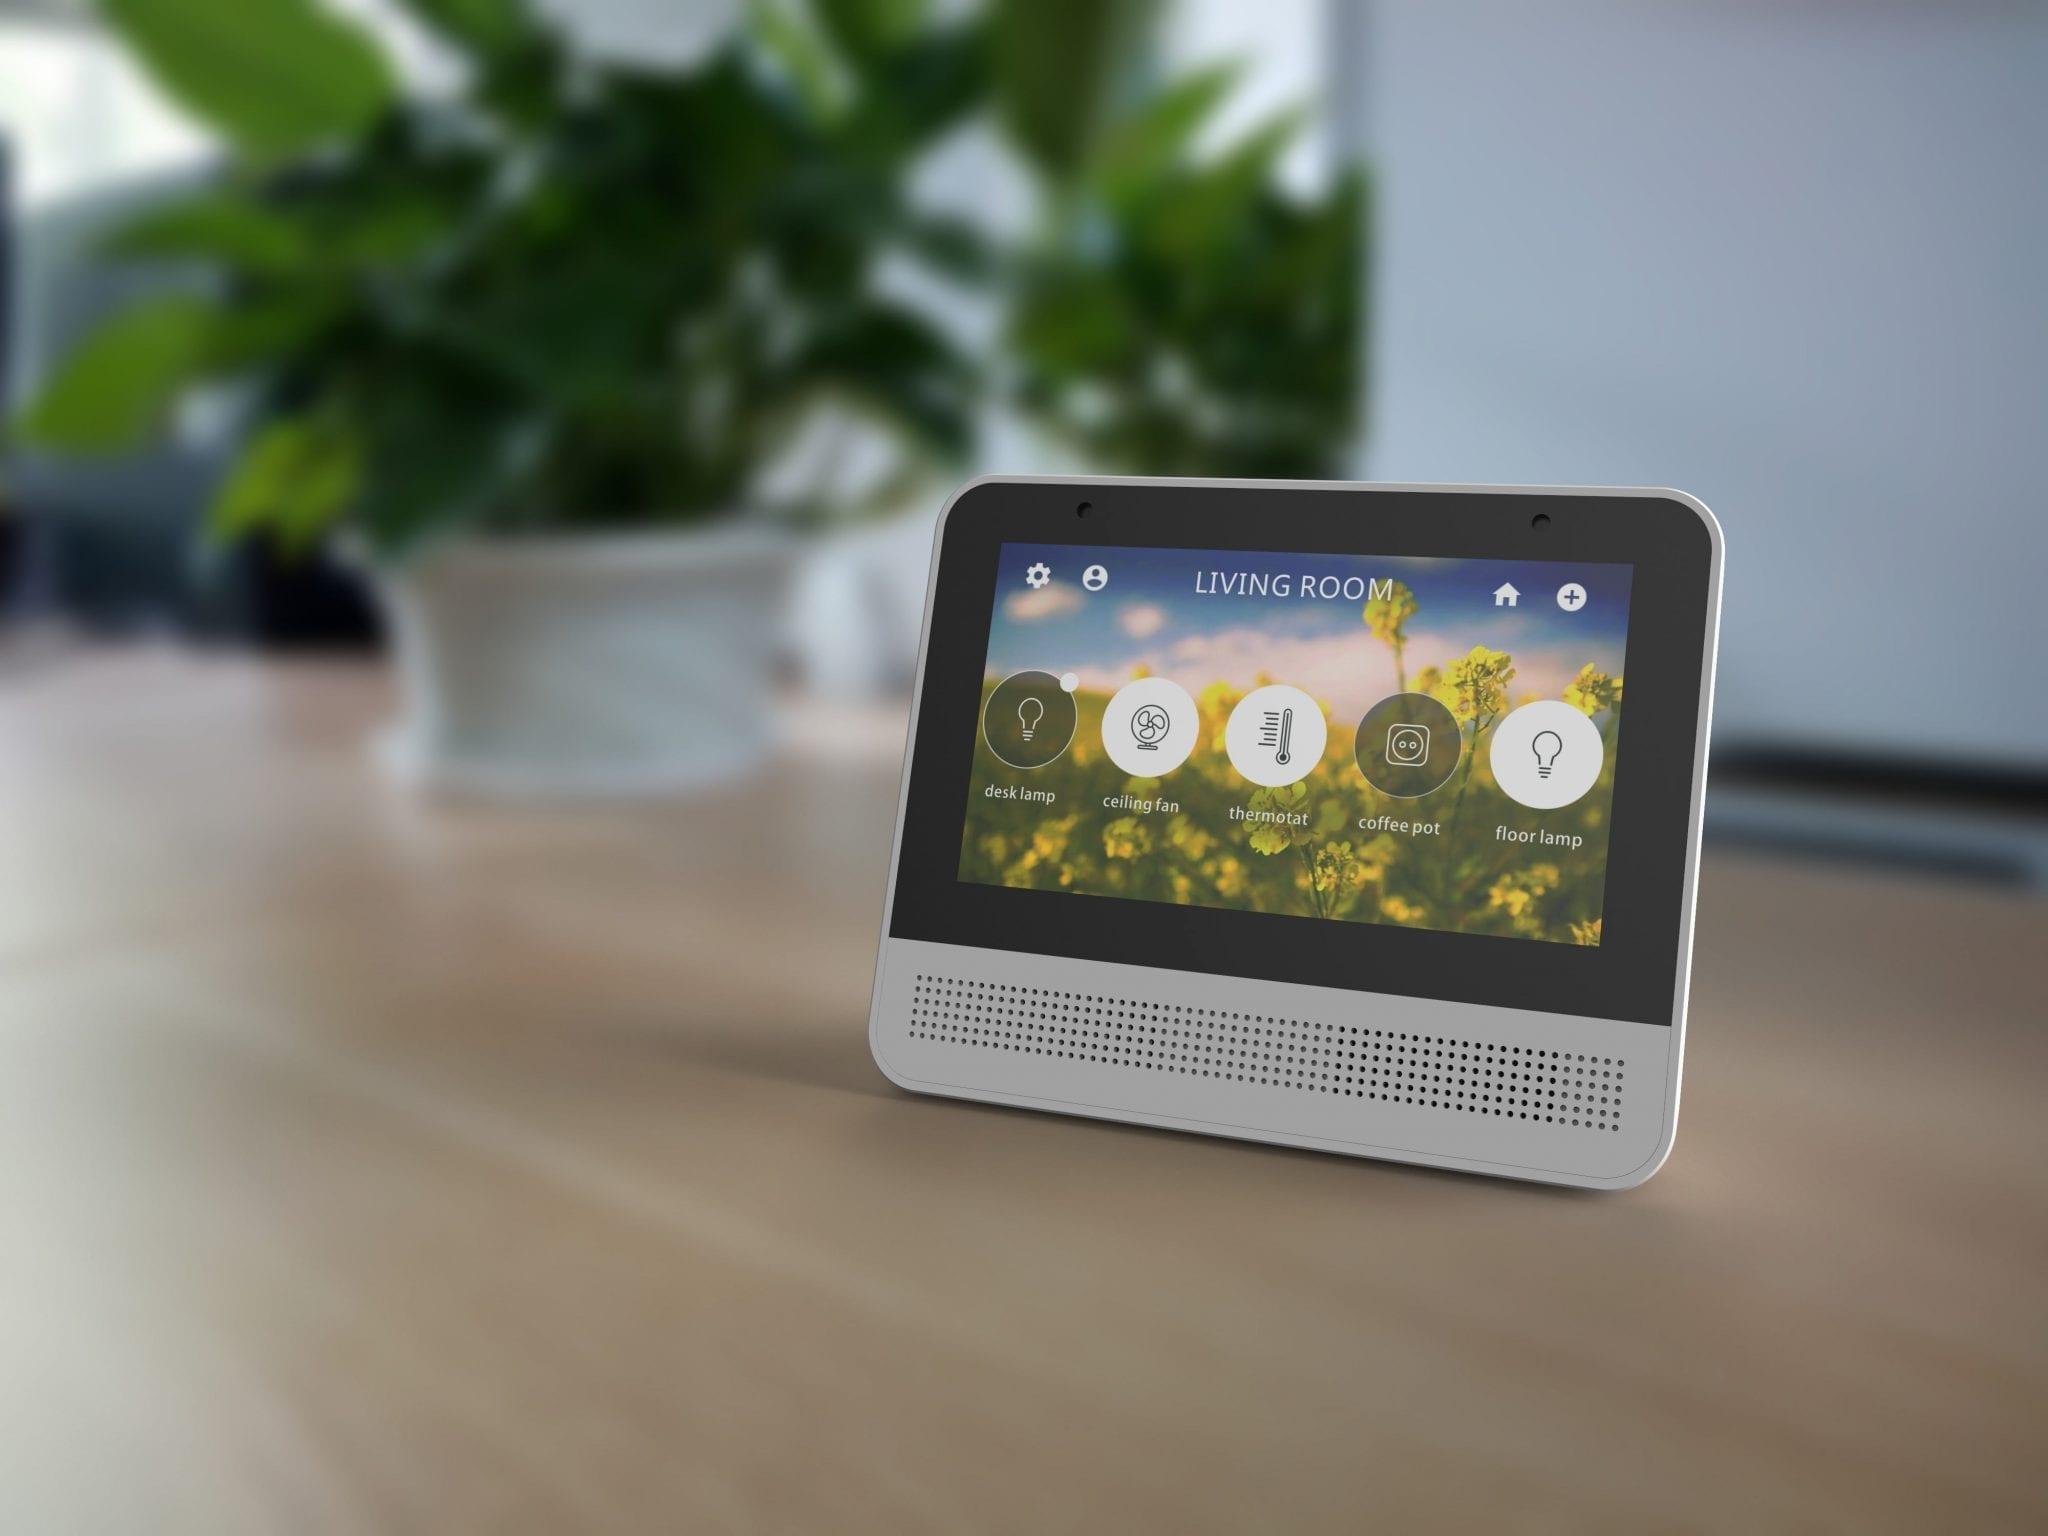 Amazon a devenit brandul numărul 1 în Europa în materie de produse Smart Home